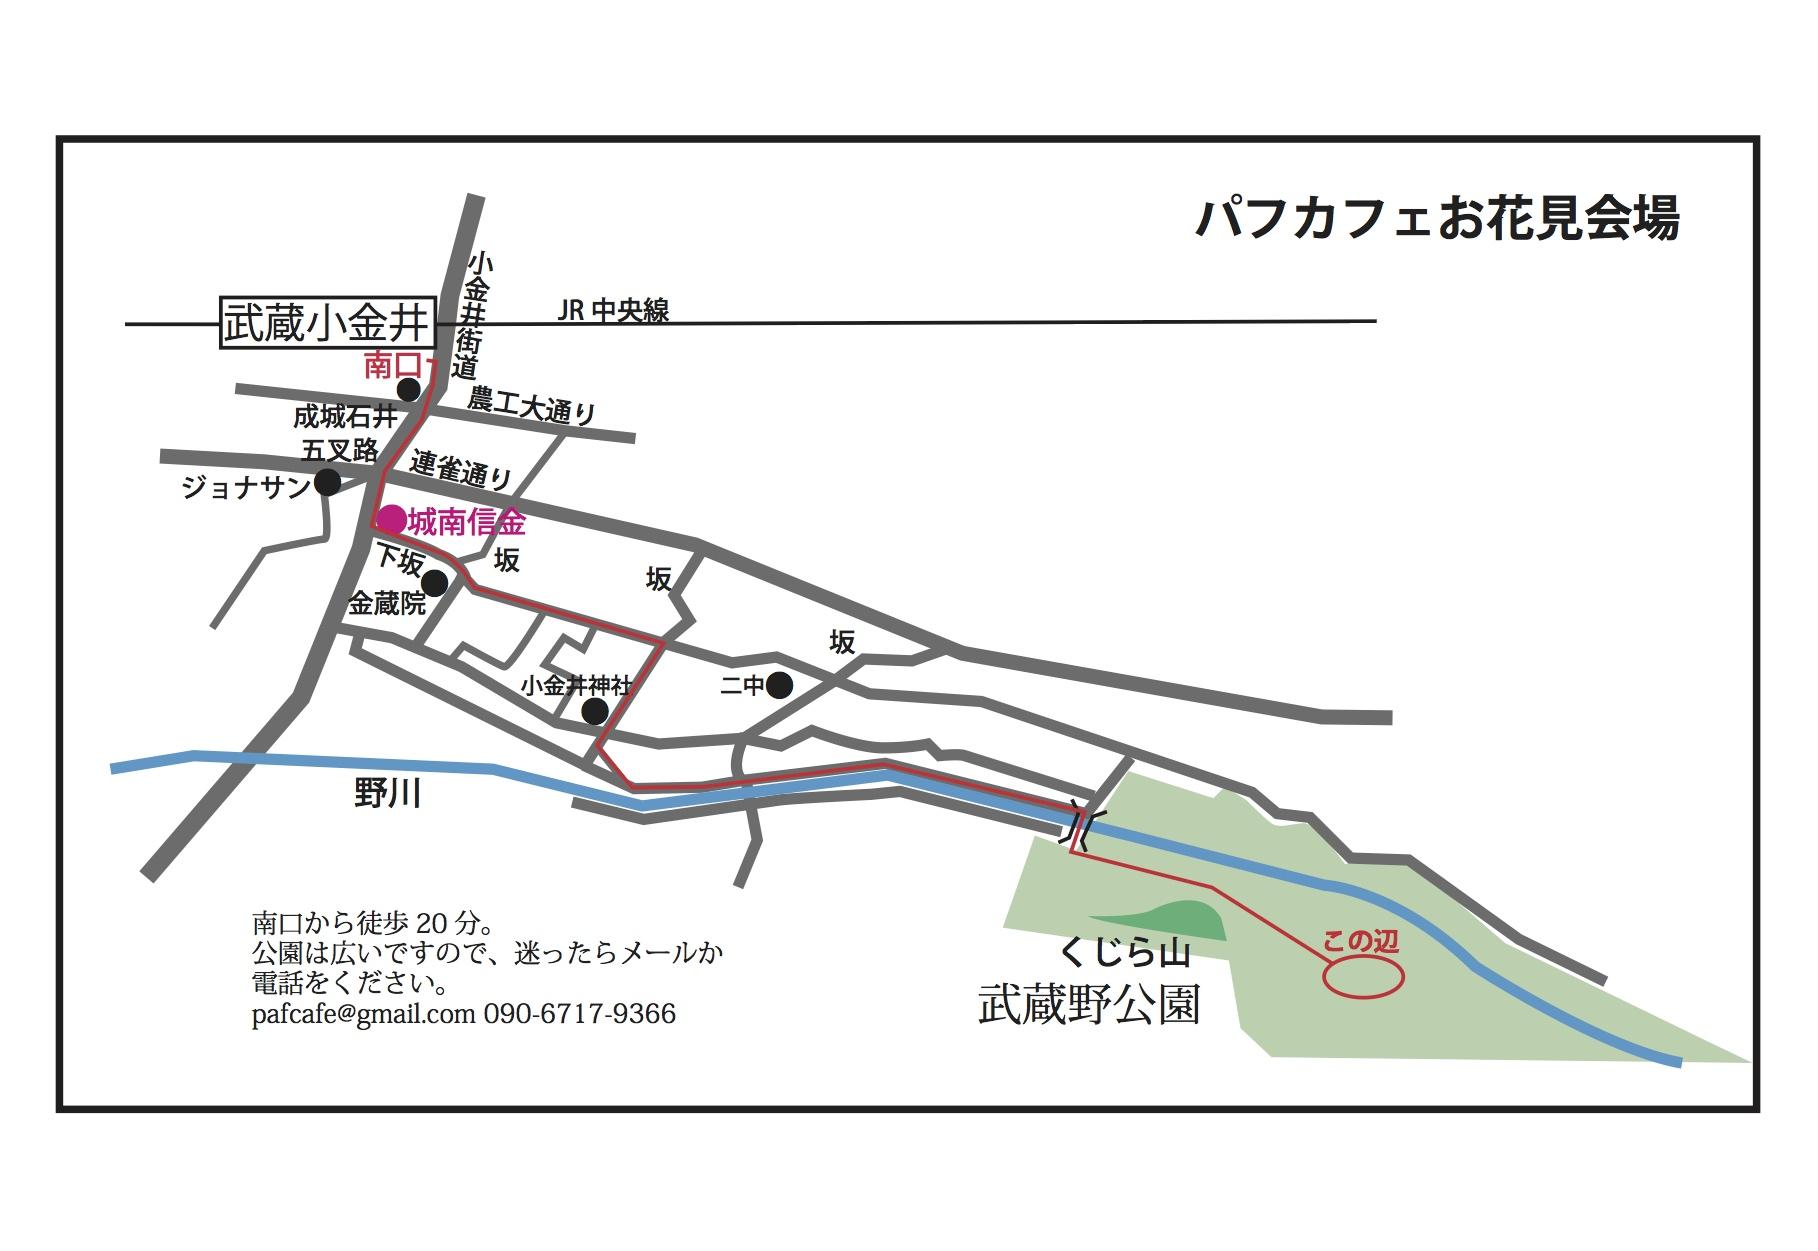 パフカフェお花見マップ